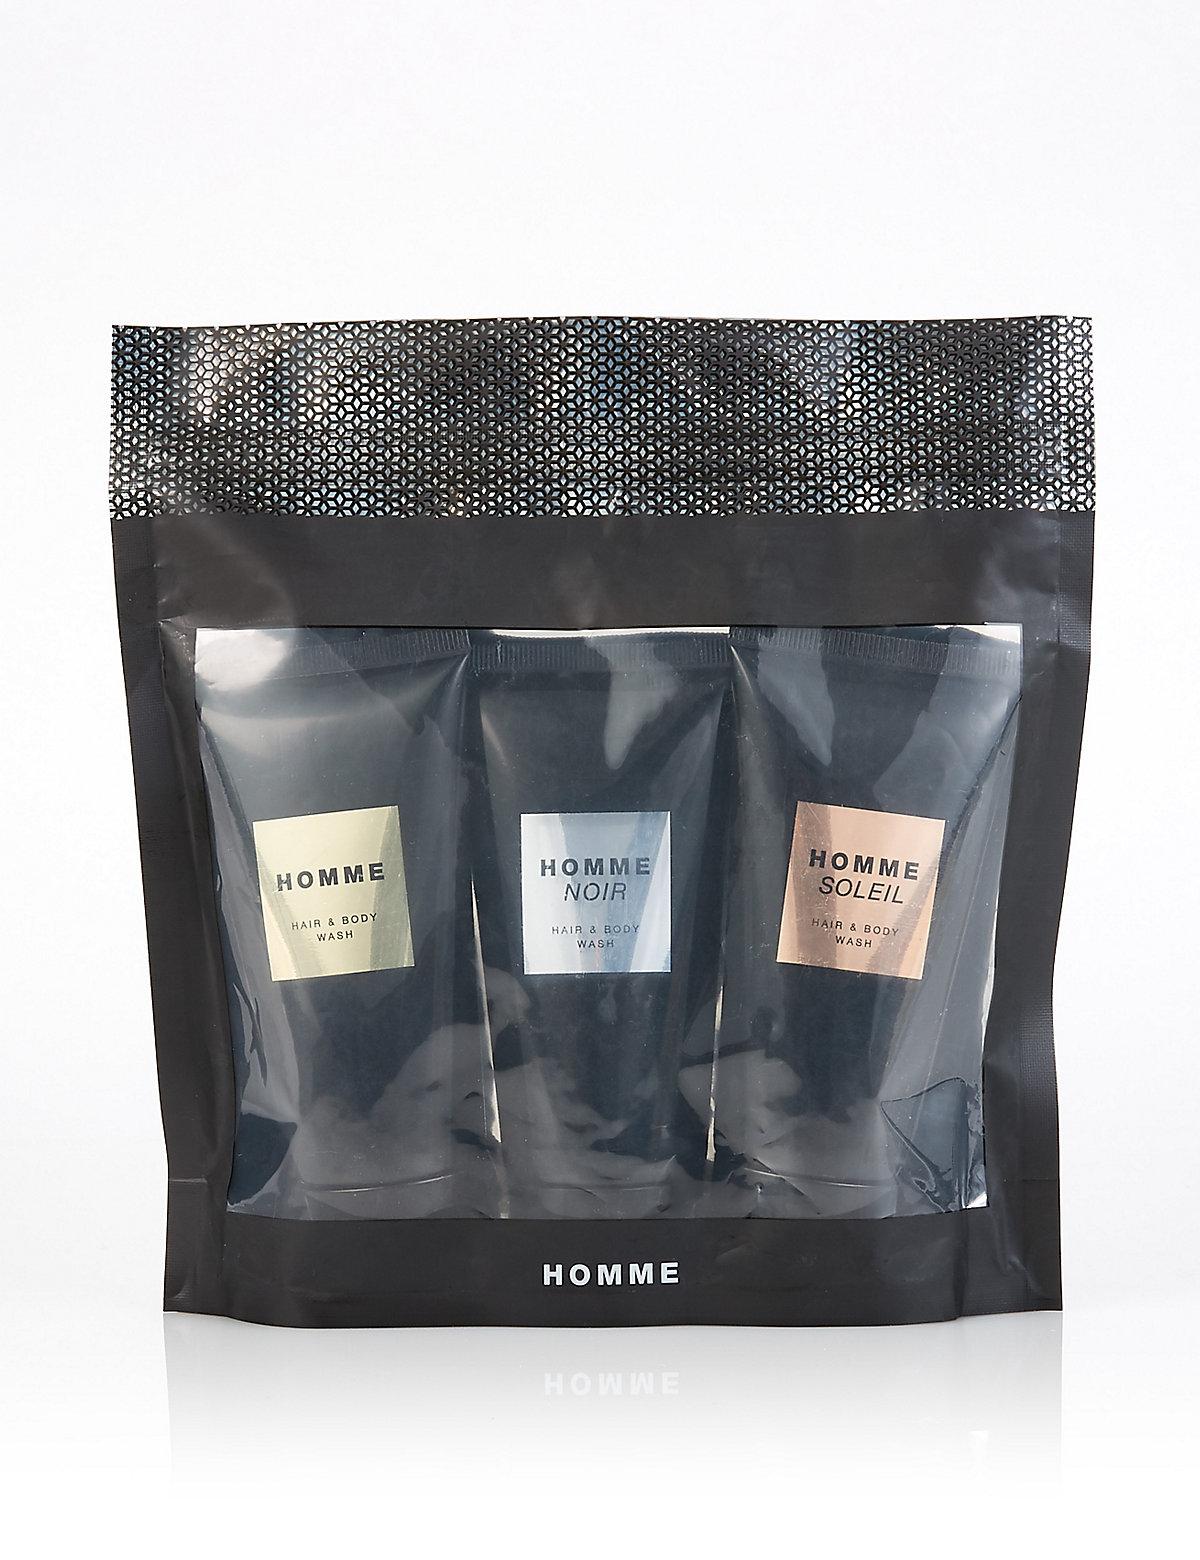 Homme Shower Gel Trio Gift Set